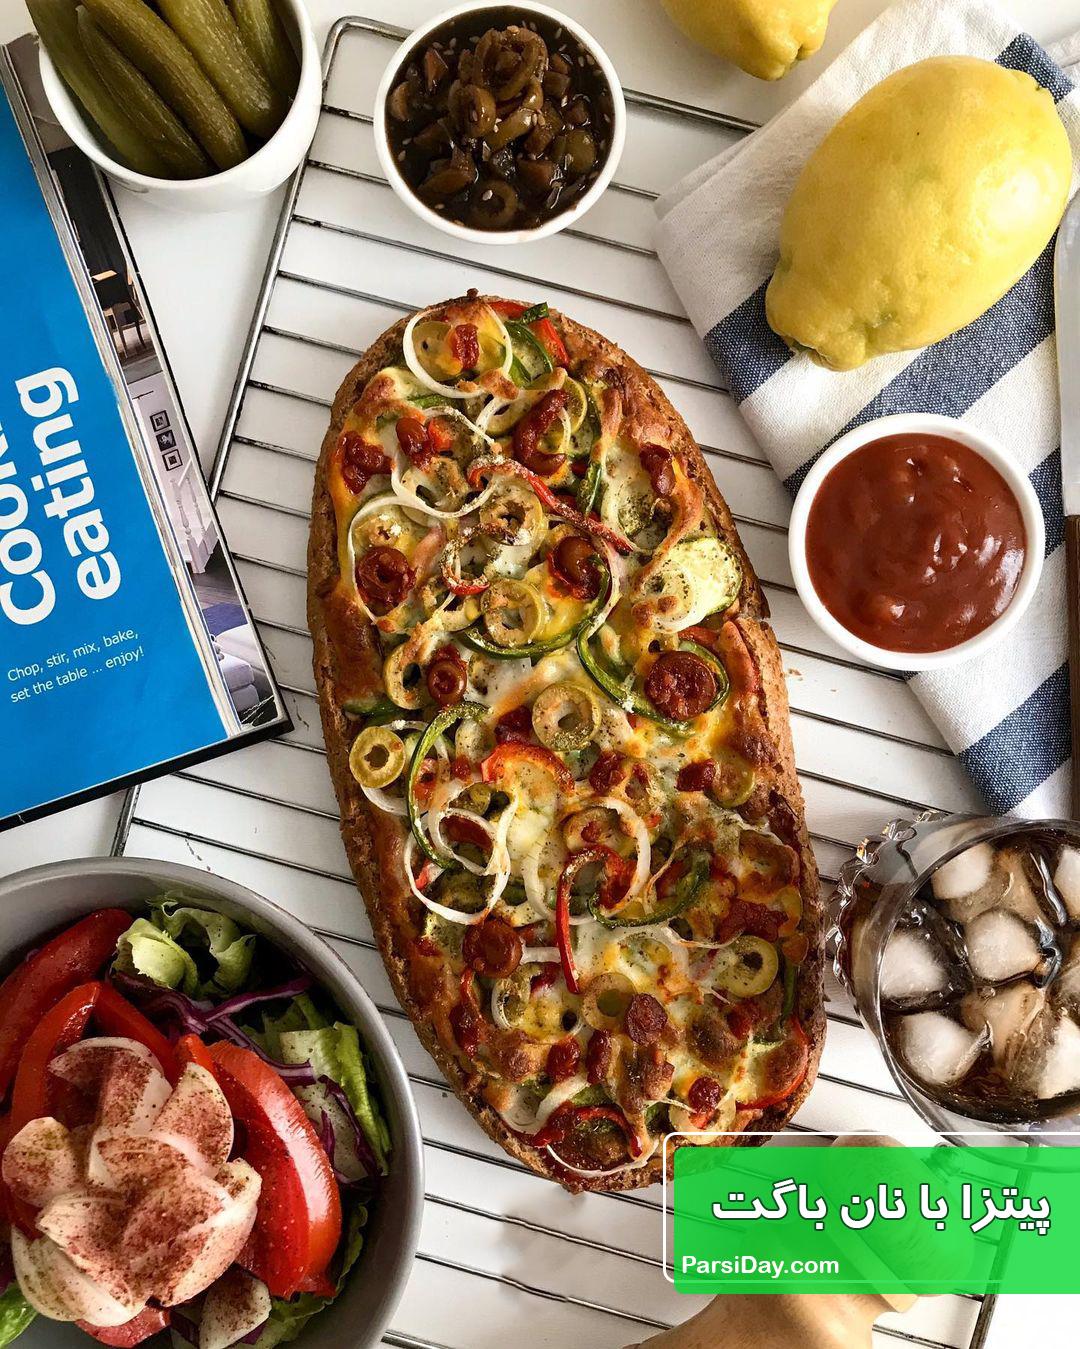 طرز تهیه پیتزا با نان باگت خوشمزه و مخصوص با گوشت و قارچ